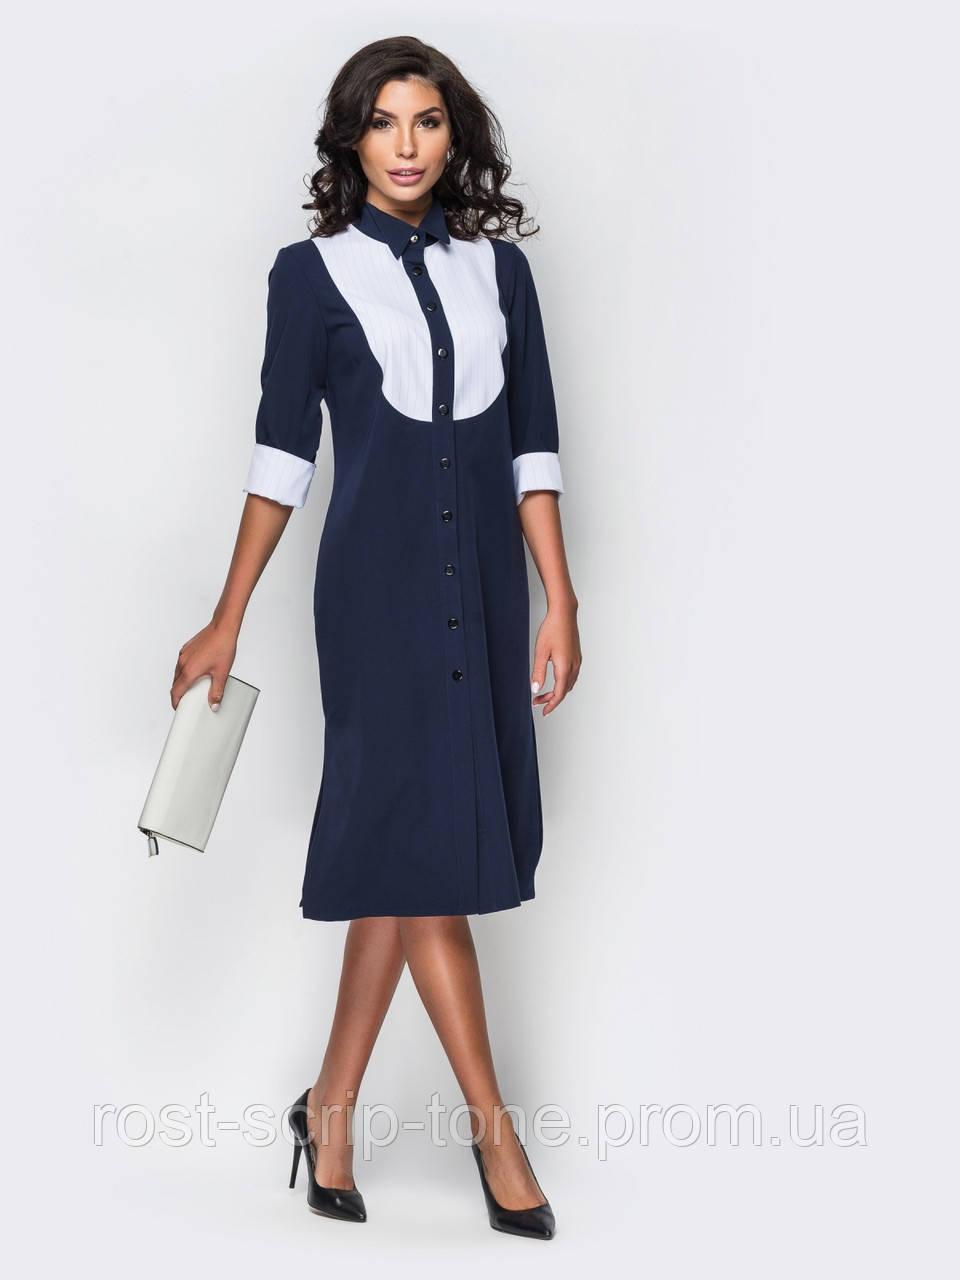 a79c9d642f5 ♥️Стильное платье-миди с контрастными вставками на груди (синее)   Размер 42